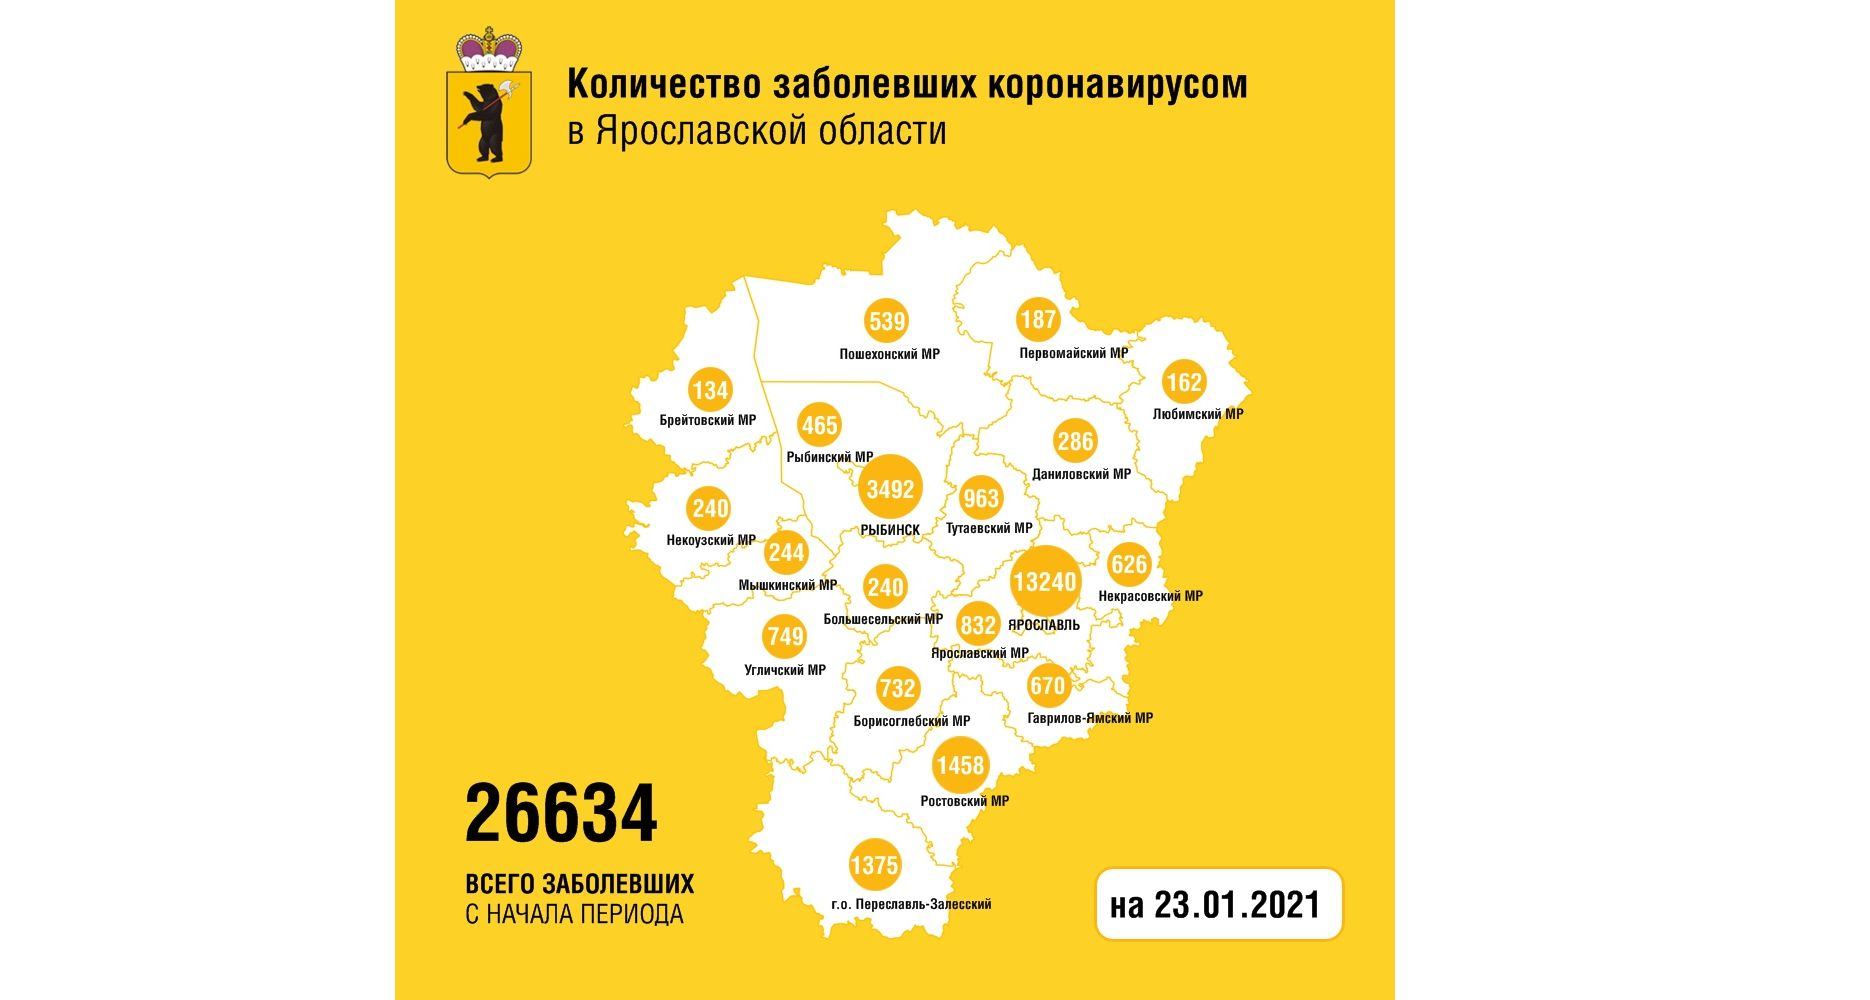 В Ярославской области коронавирусом заболели еще 187 человек, пятеро скончались